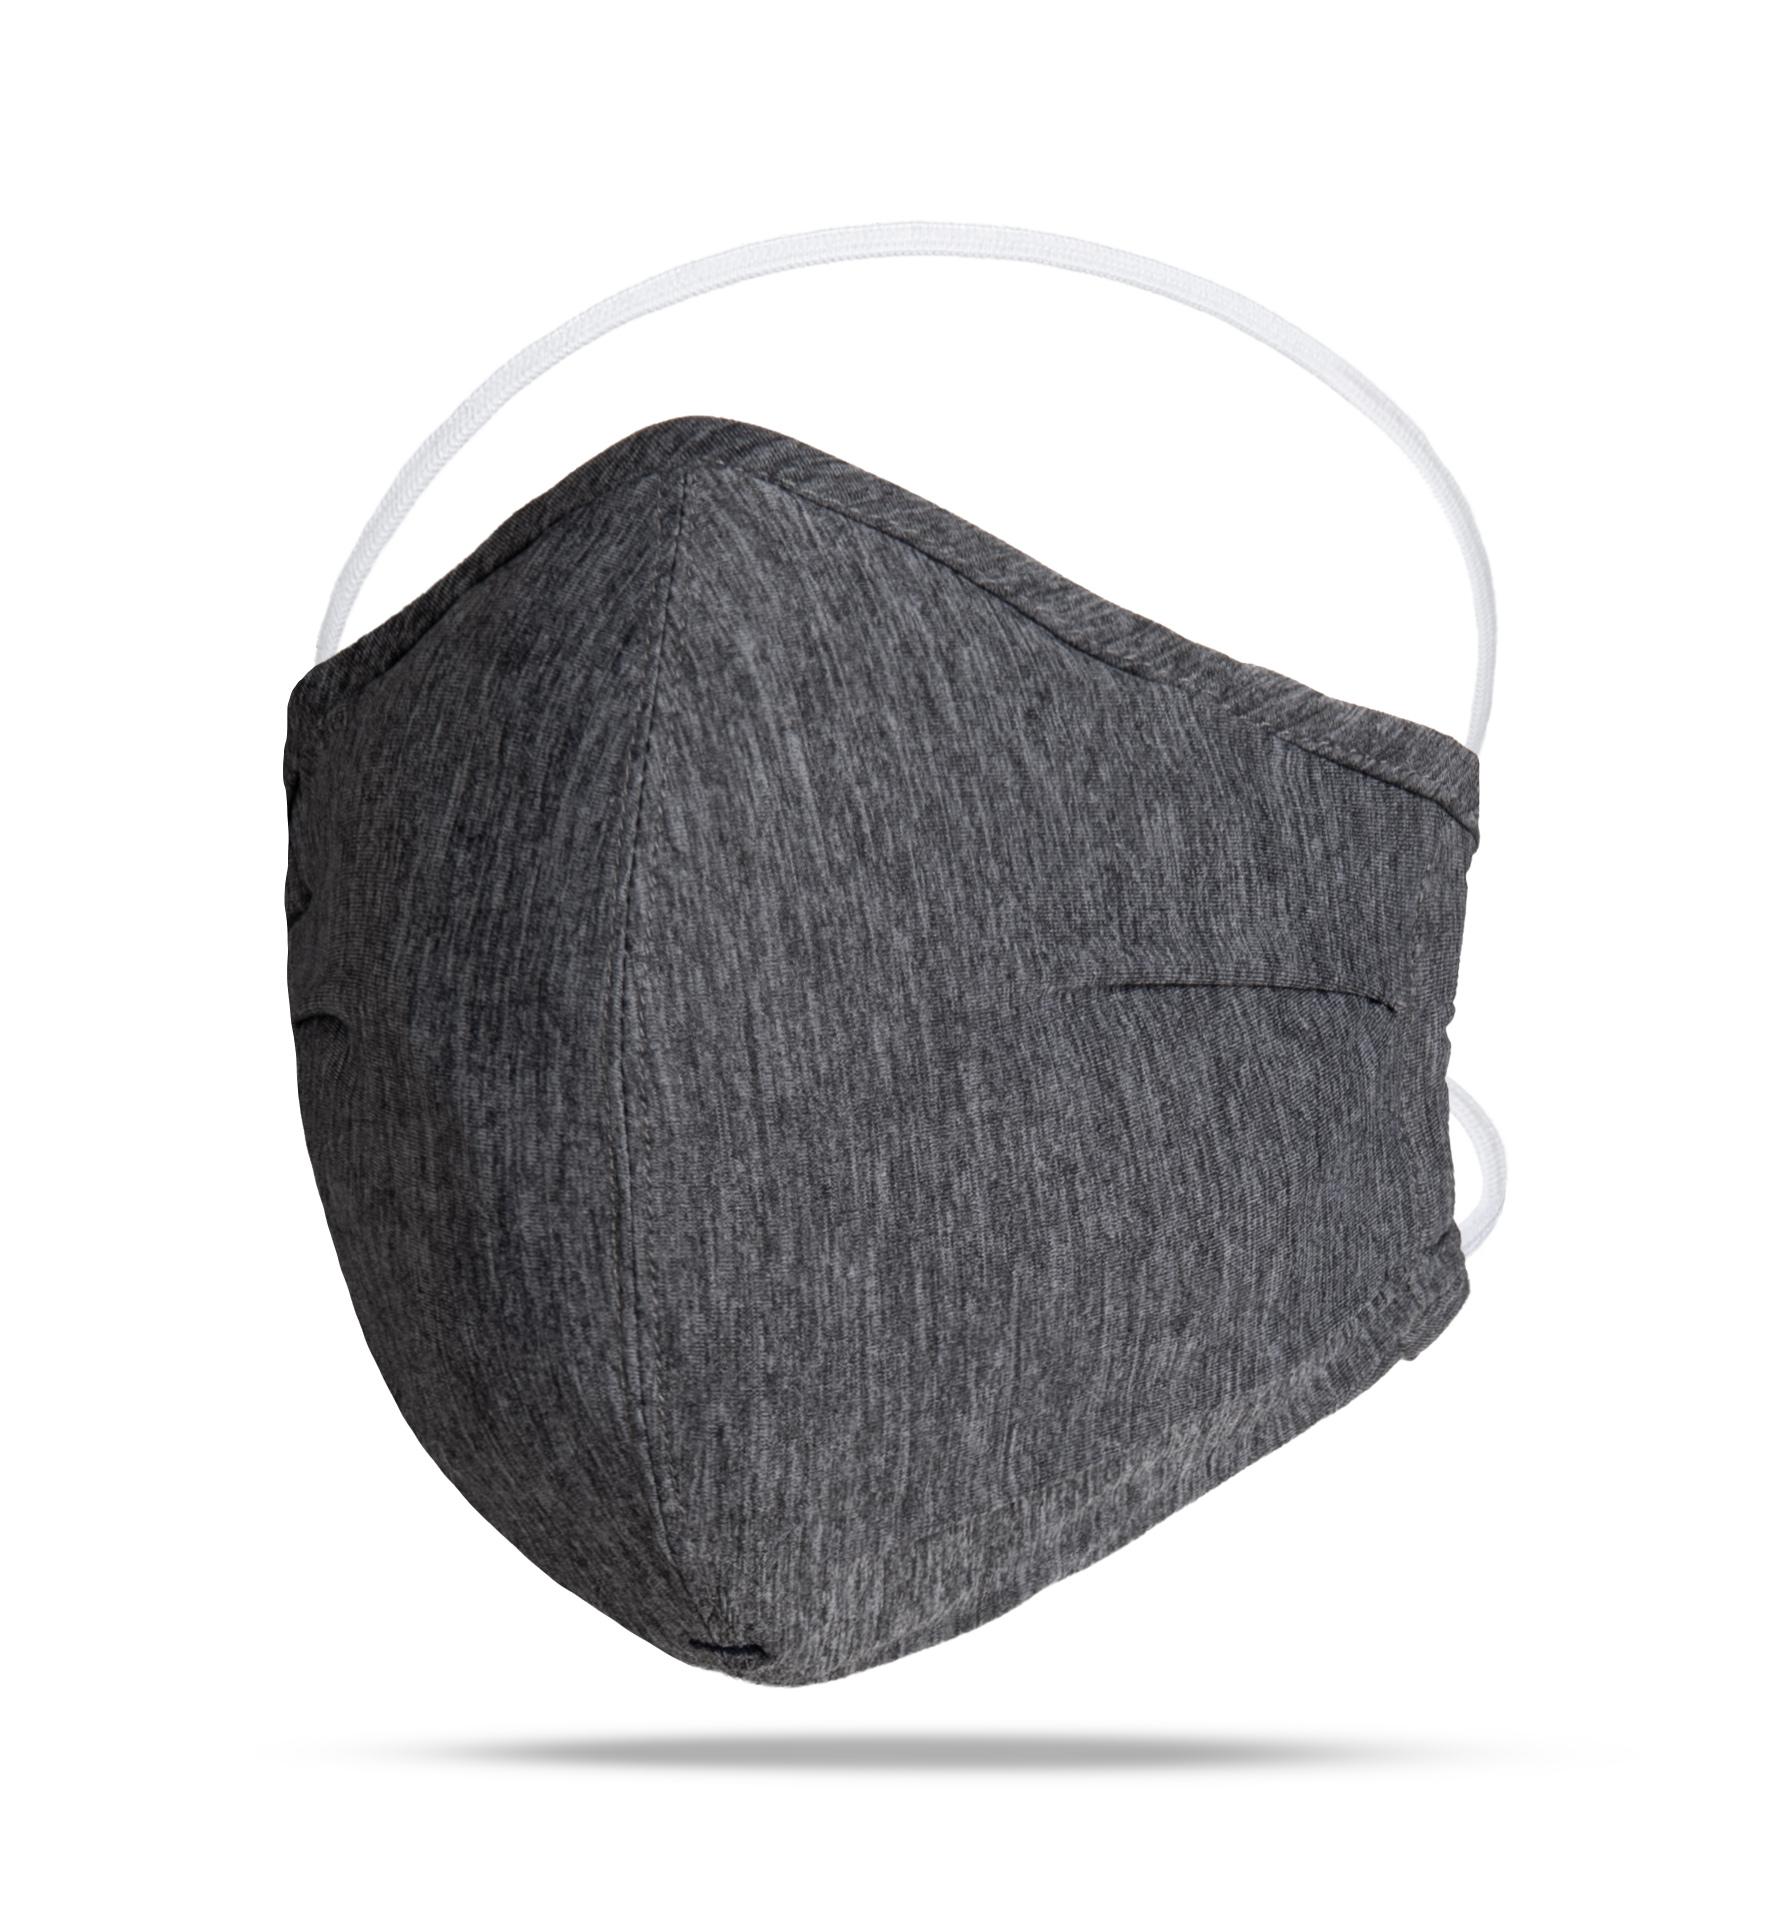 Zoom Image of The Everyday Mask v1.5 - Grey Performance (Single Mask)